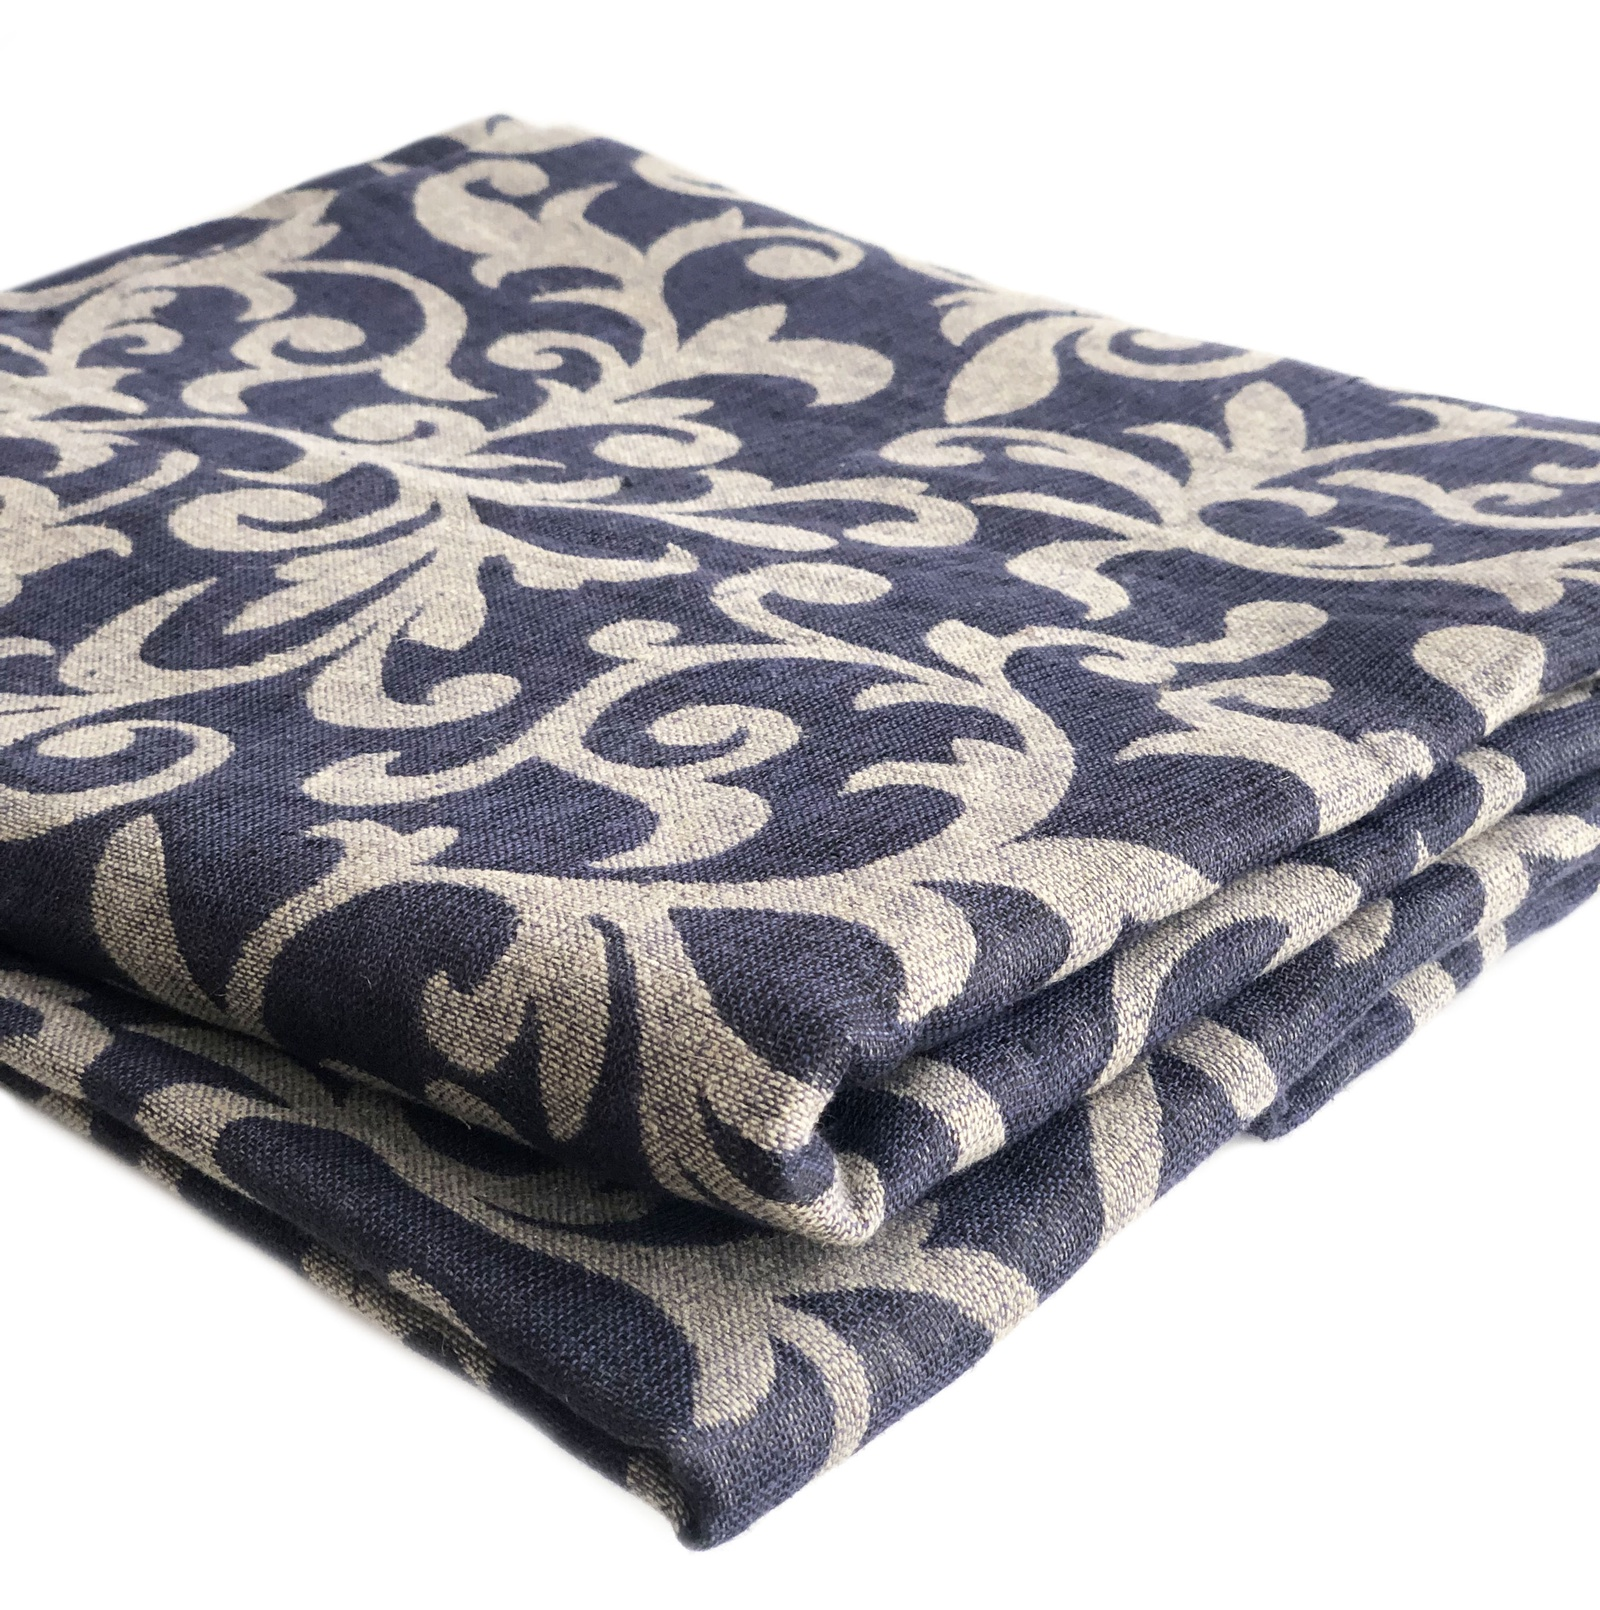 Скатерть Impression Style 0106, темно-синий, бежевый